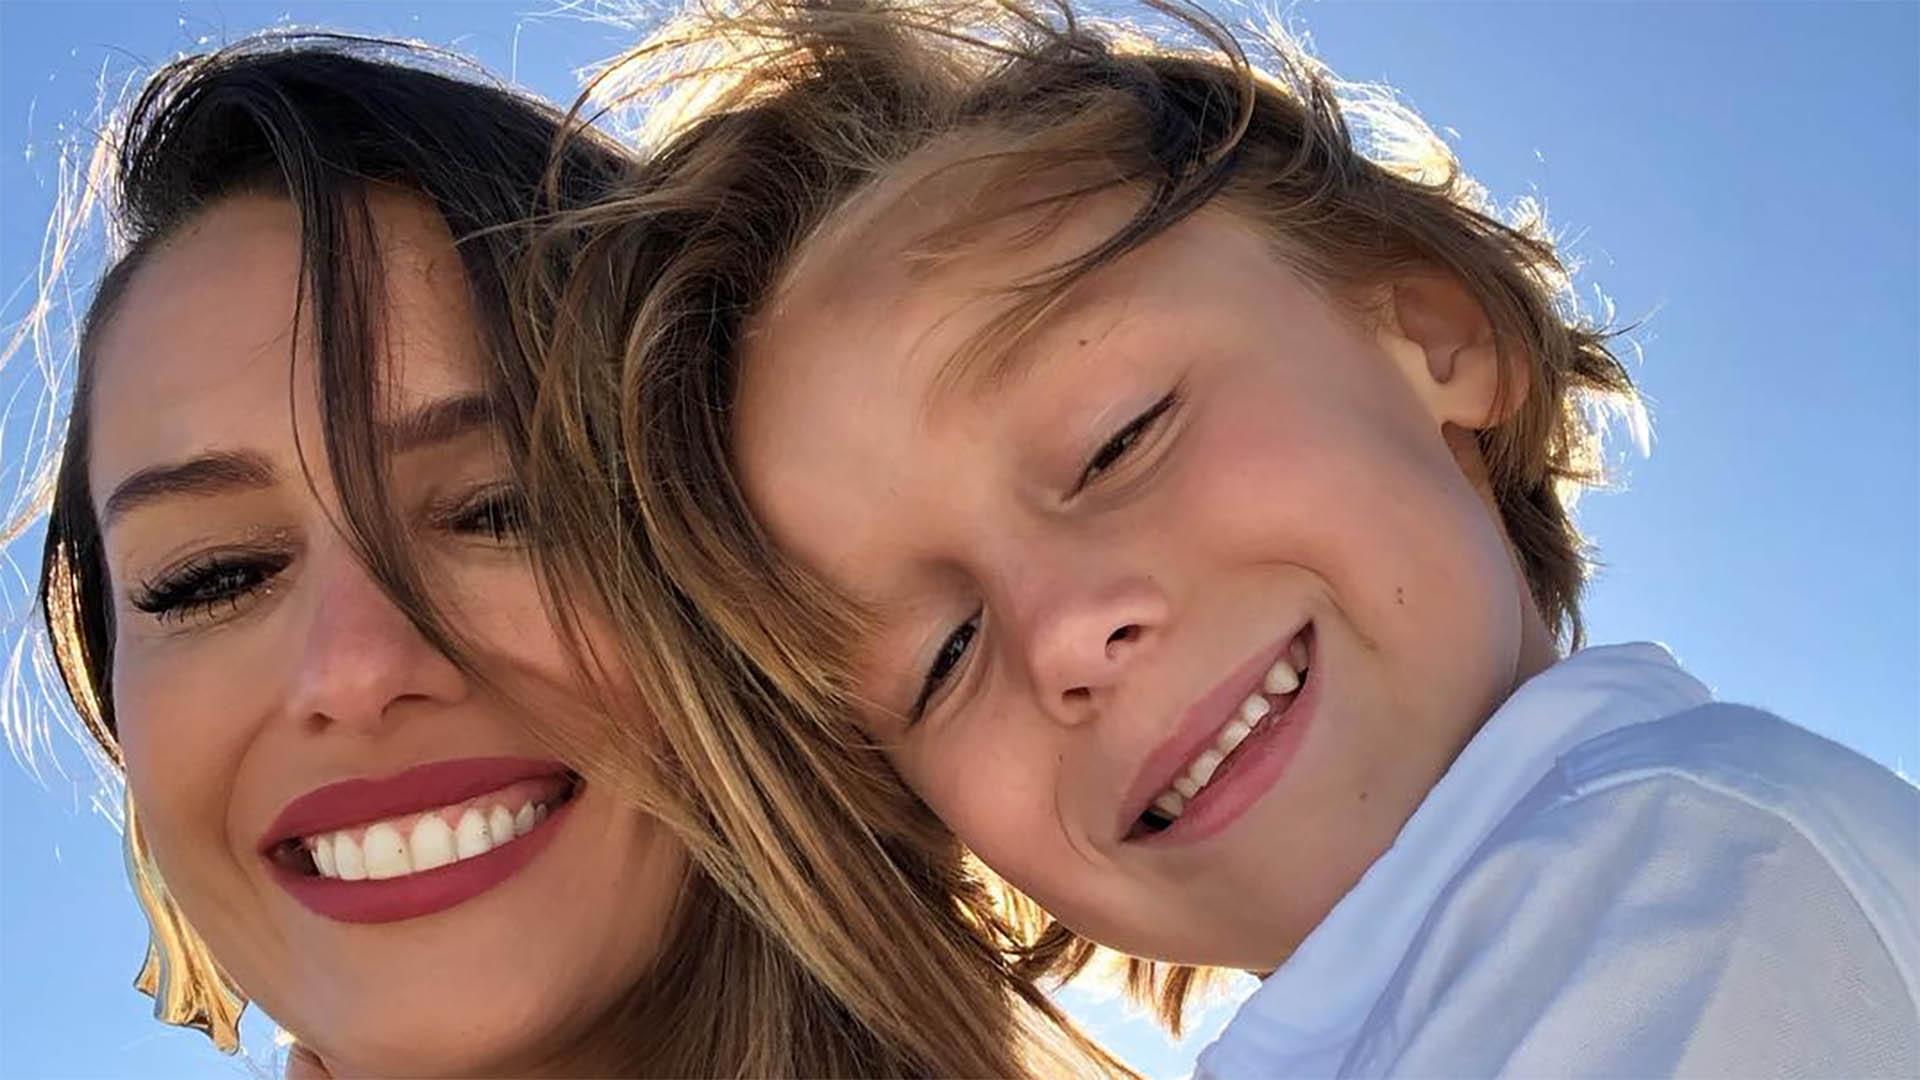 Pampita viajó a las playas de Cancún con sus hijos para descansar y trabajar. La modelo le compartió a sus 3 millones de seguidores una foto acompañada del pequeño Benicio (Foto: Instagram)